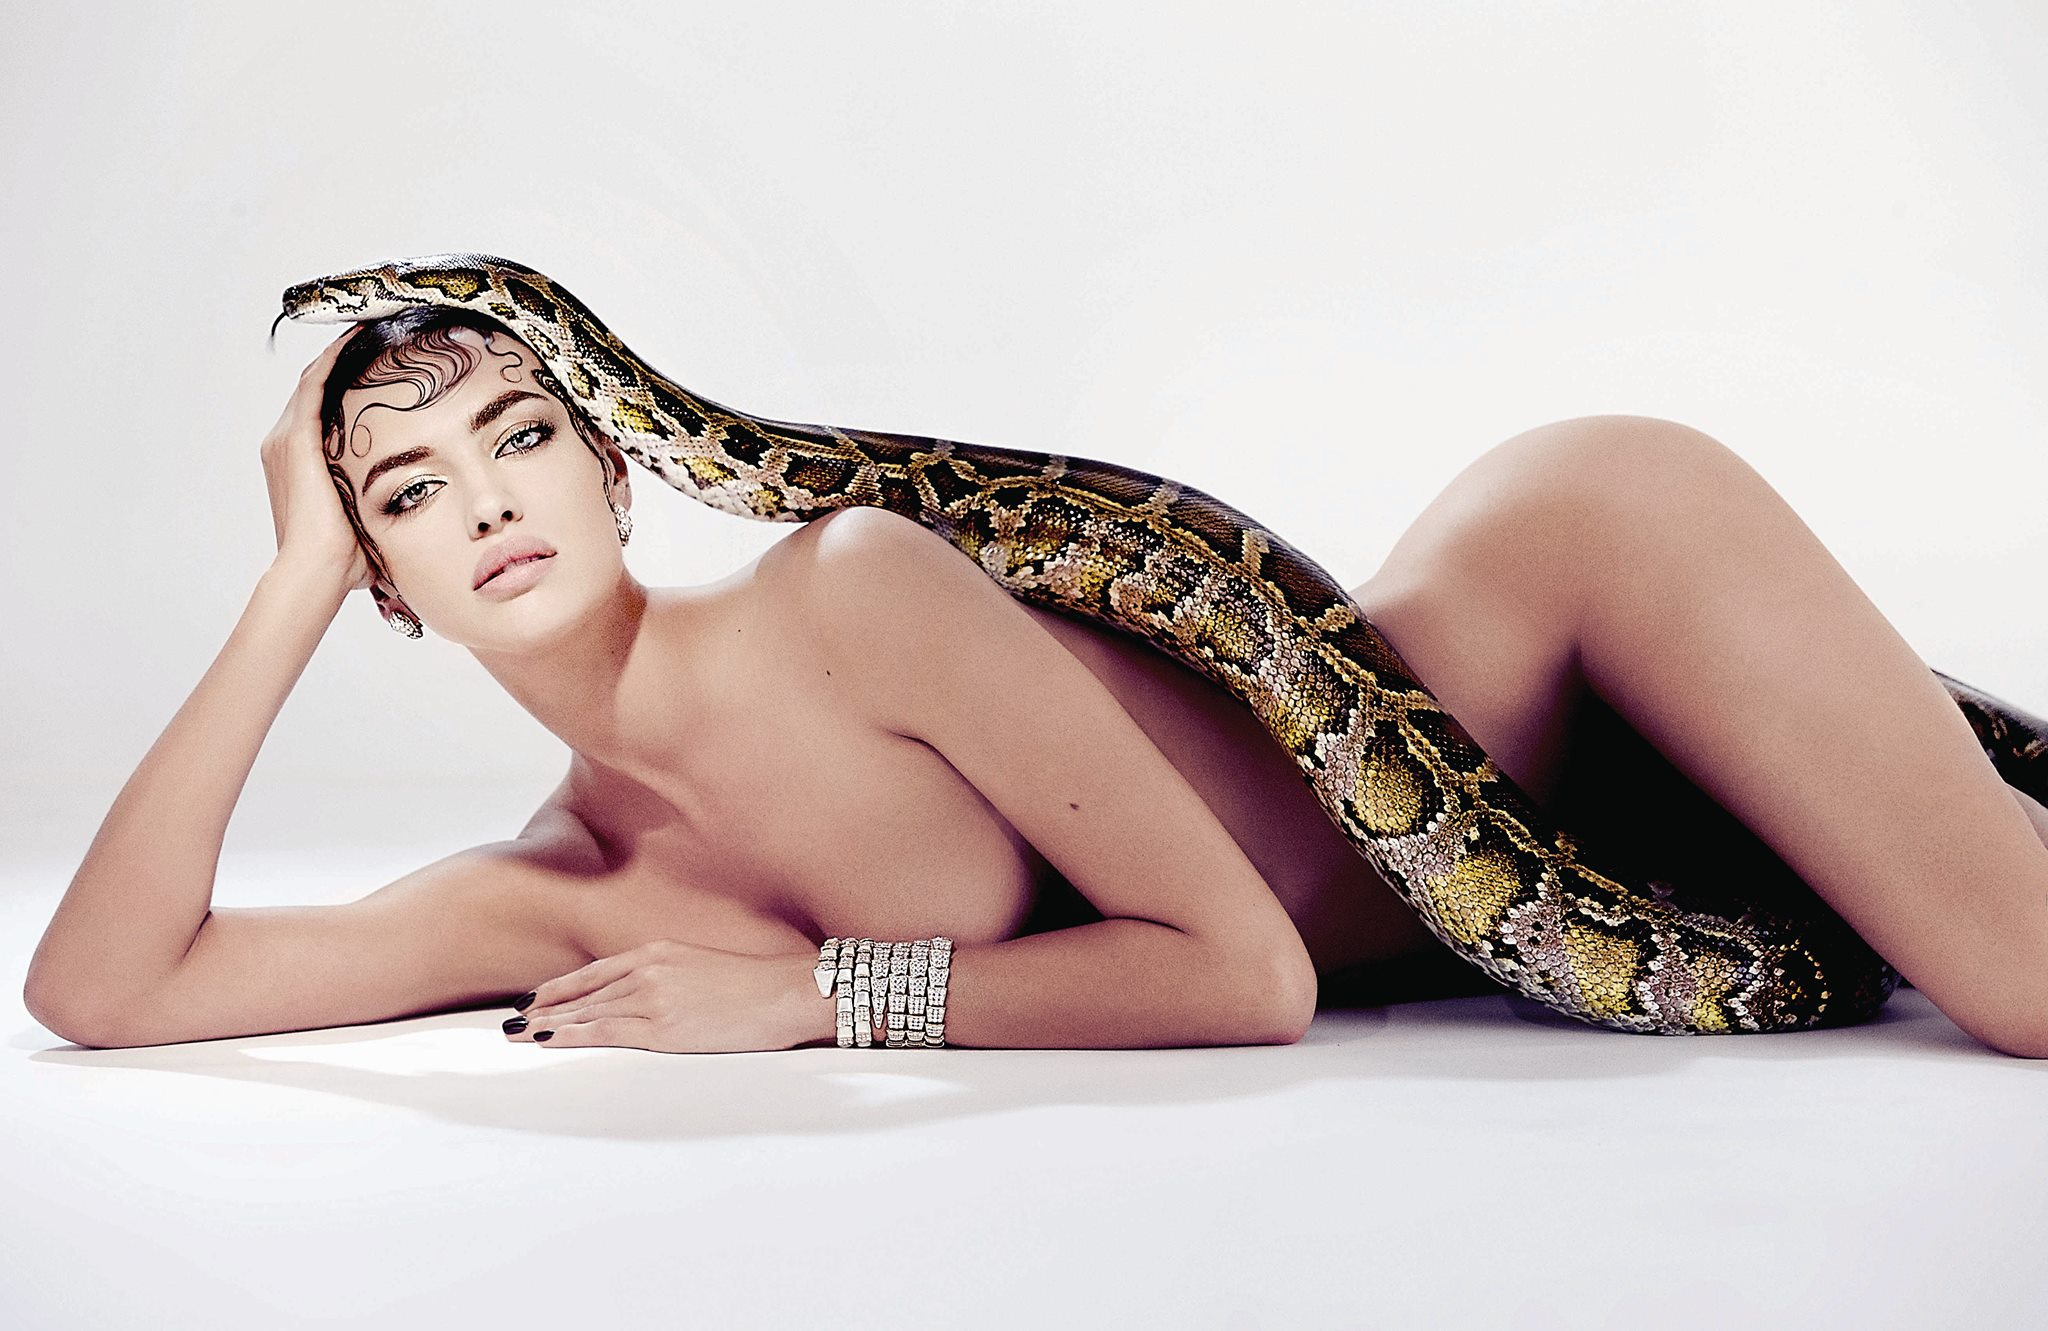 Поро со змеей 11 фотография